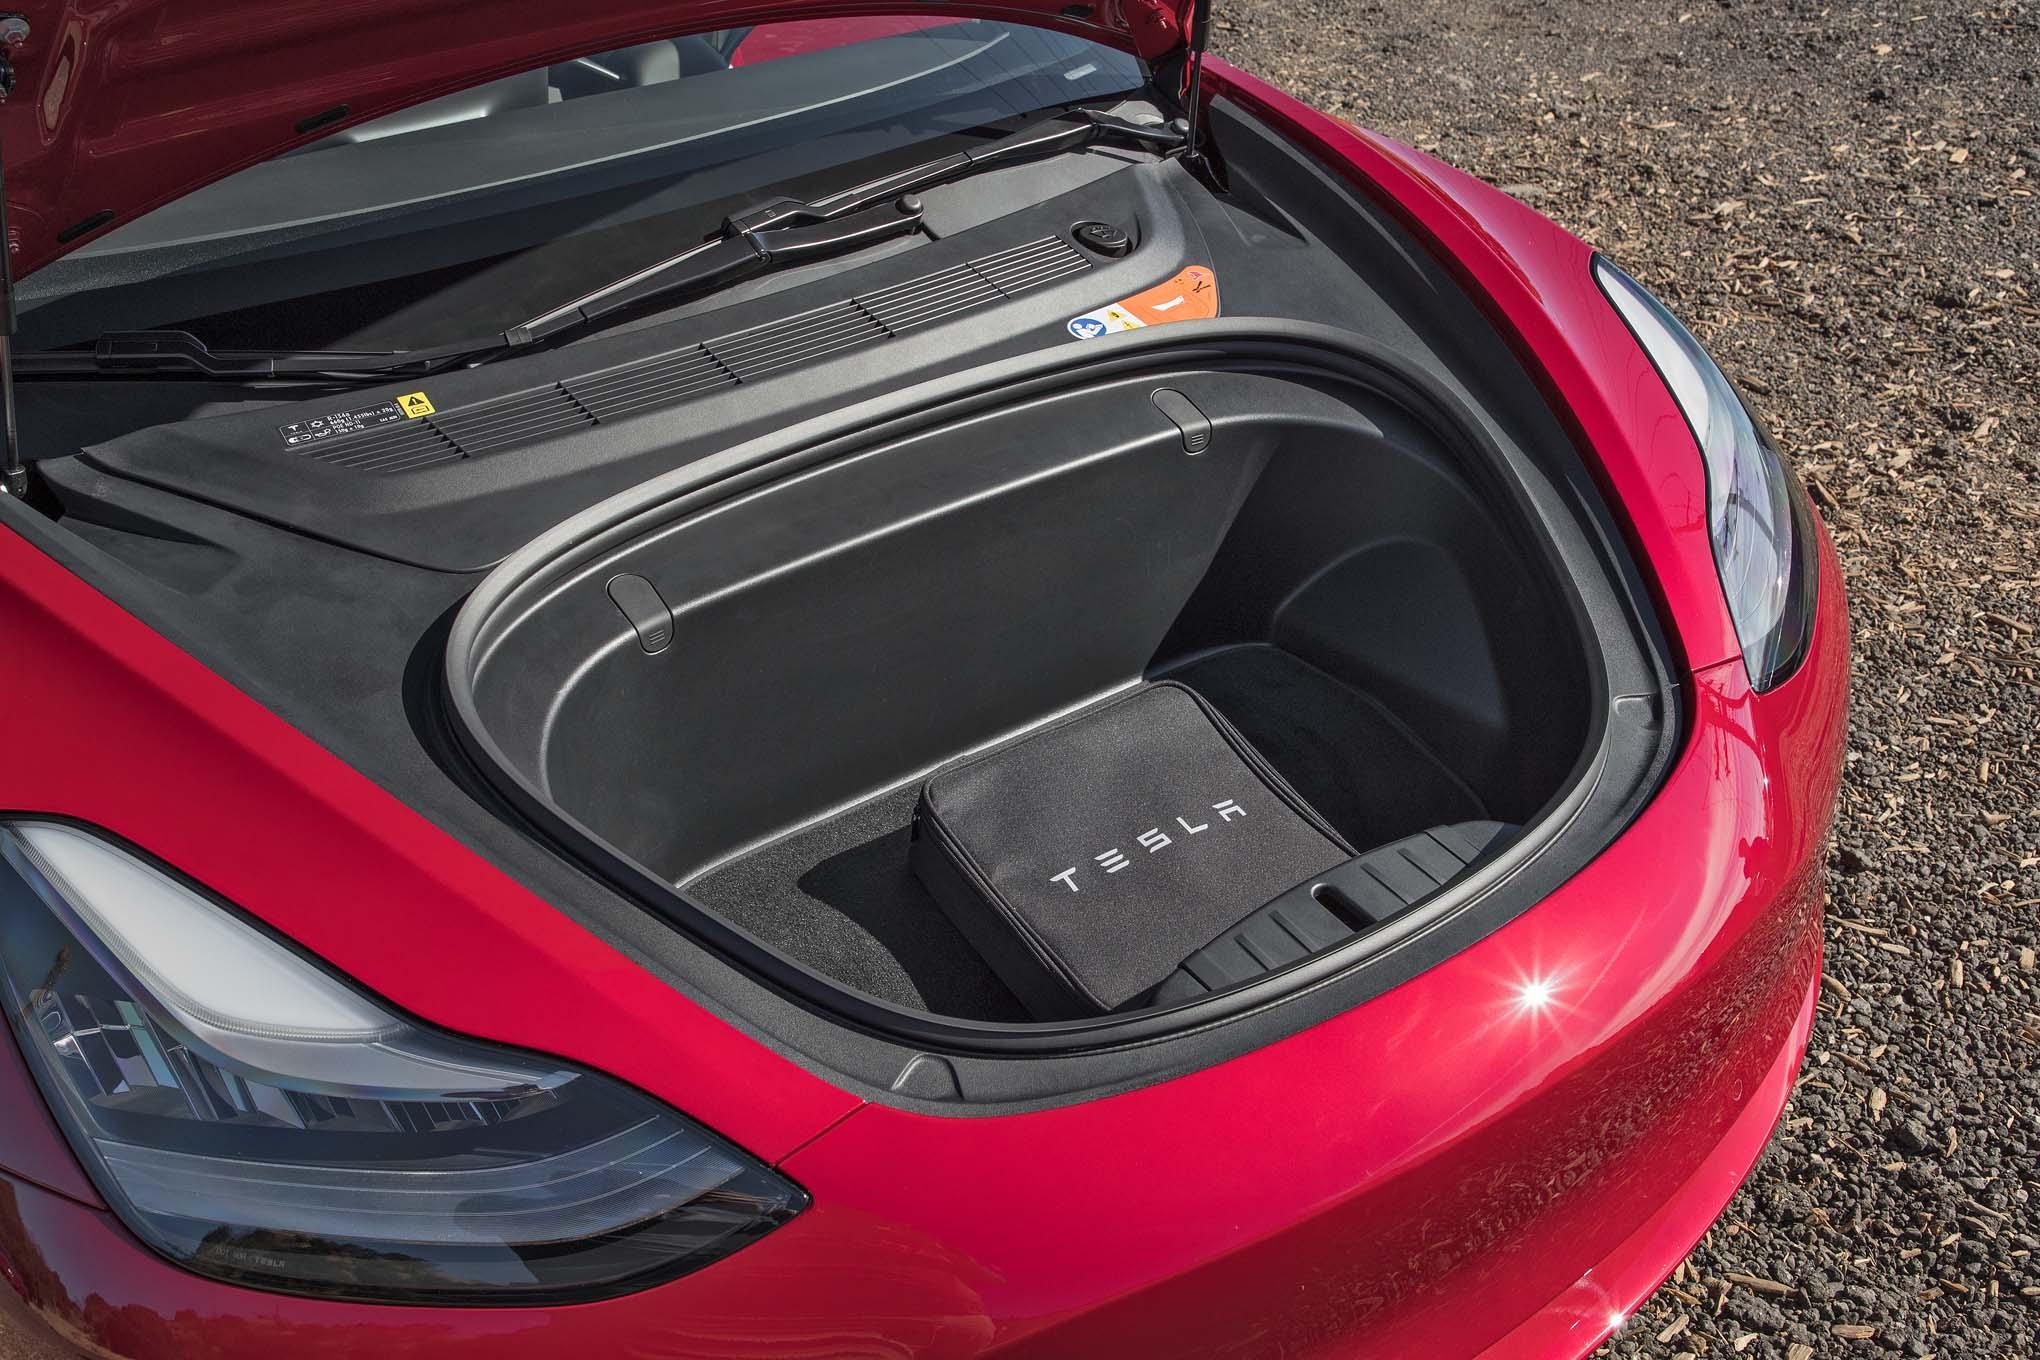 Tesla: Warum Reichweite und Einfachheit beim Model 3 so besonders sind | emobicon